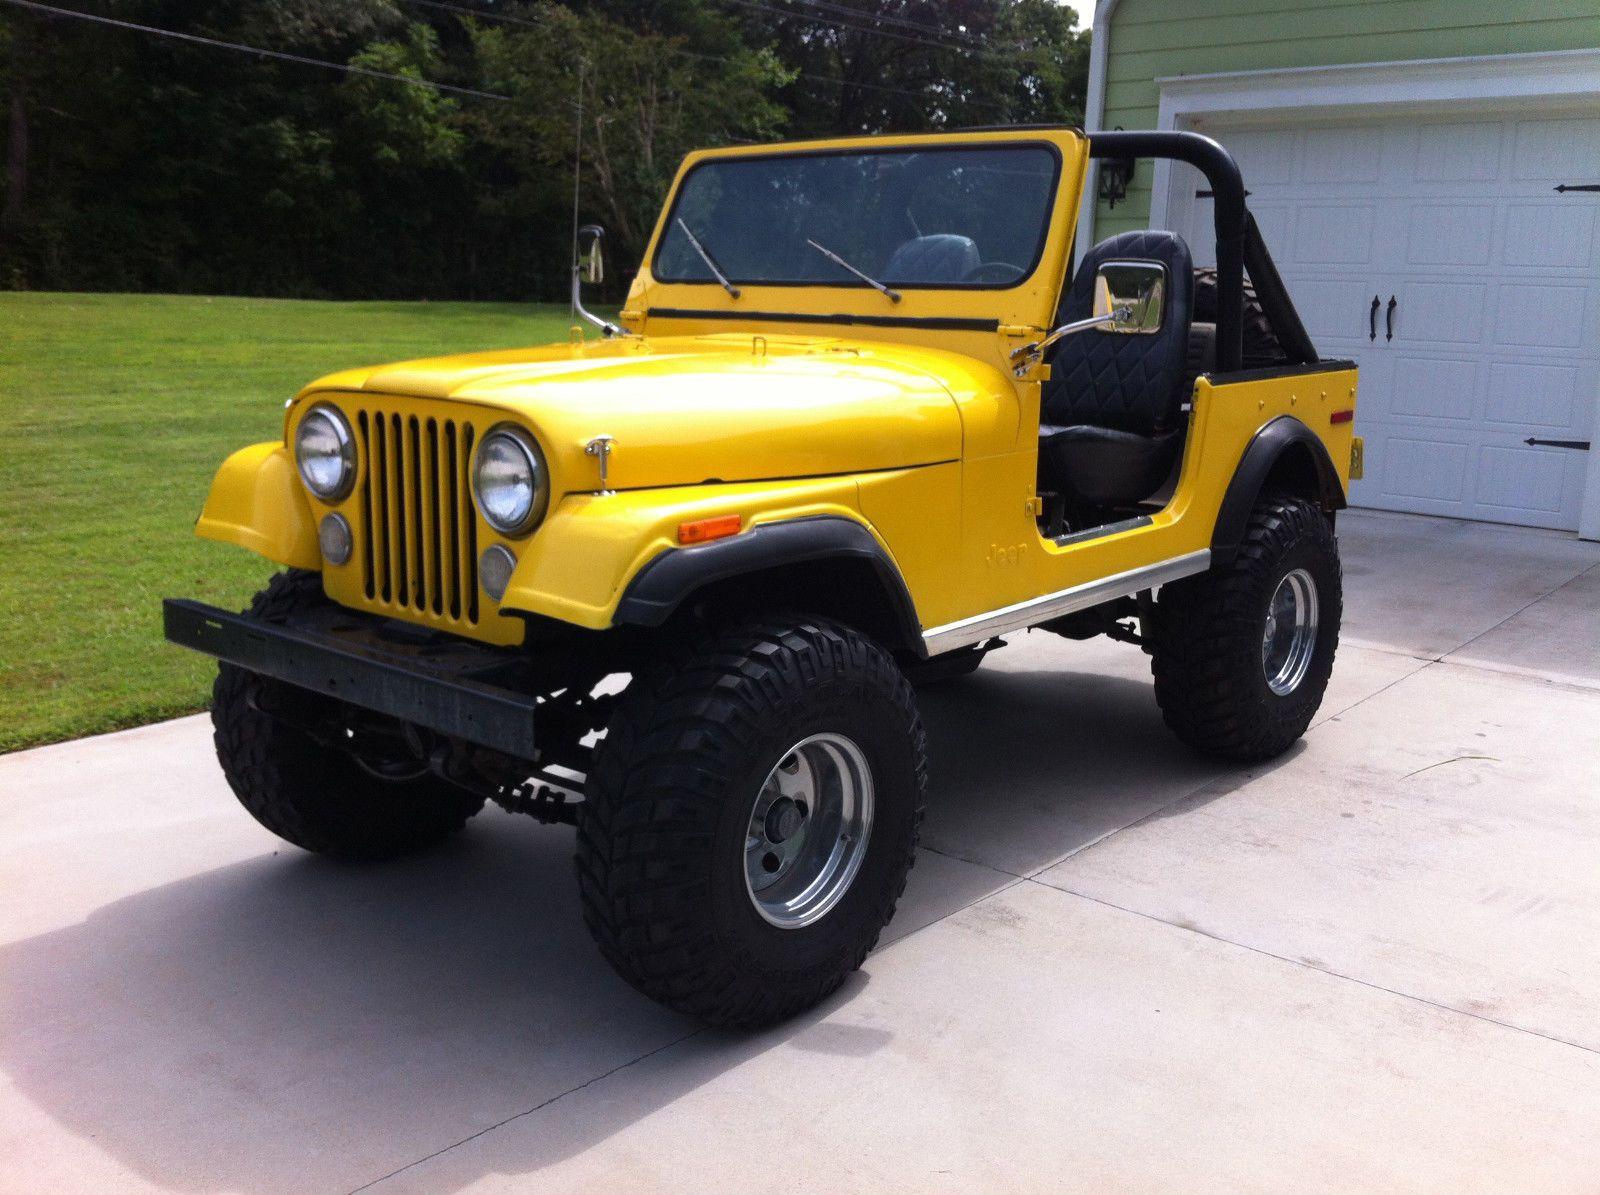 1977 Jeep CJ7 - Someday.. you will be mine.